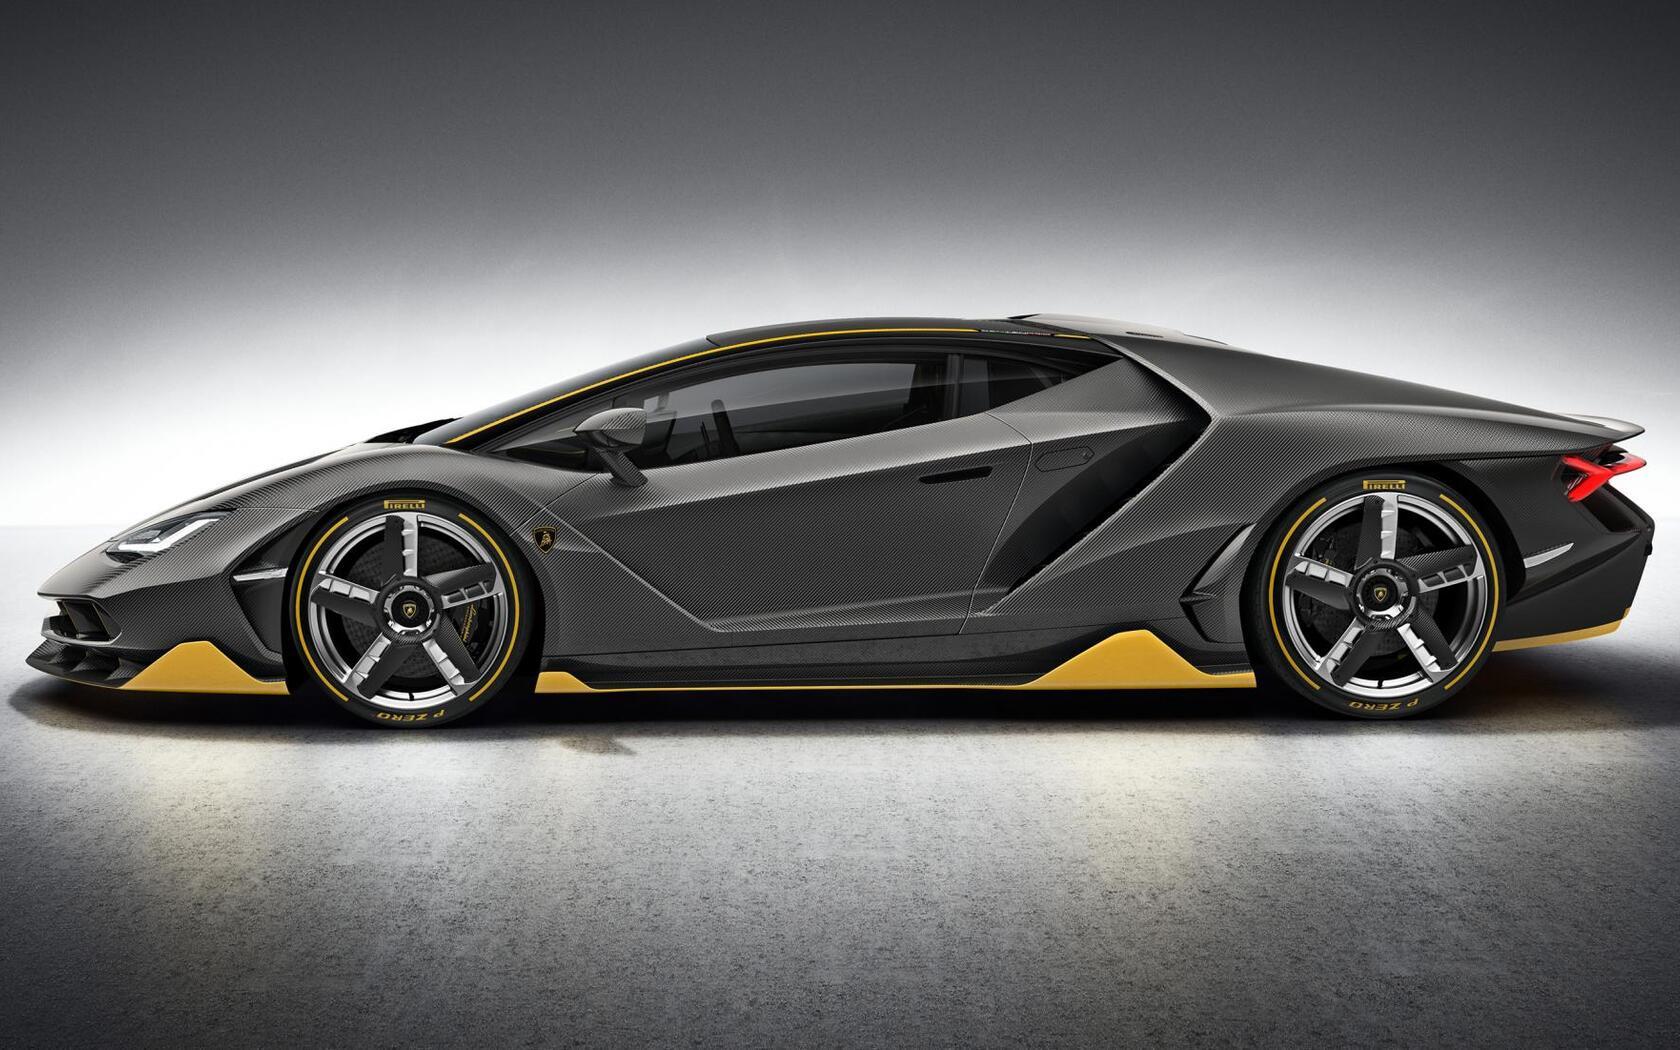 1680x1050 Lamborghini Centenario Side View 1680x1050 Resolution Hd